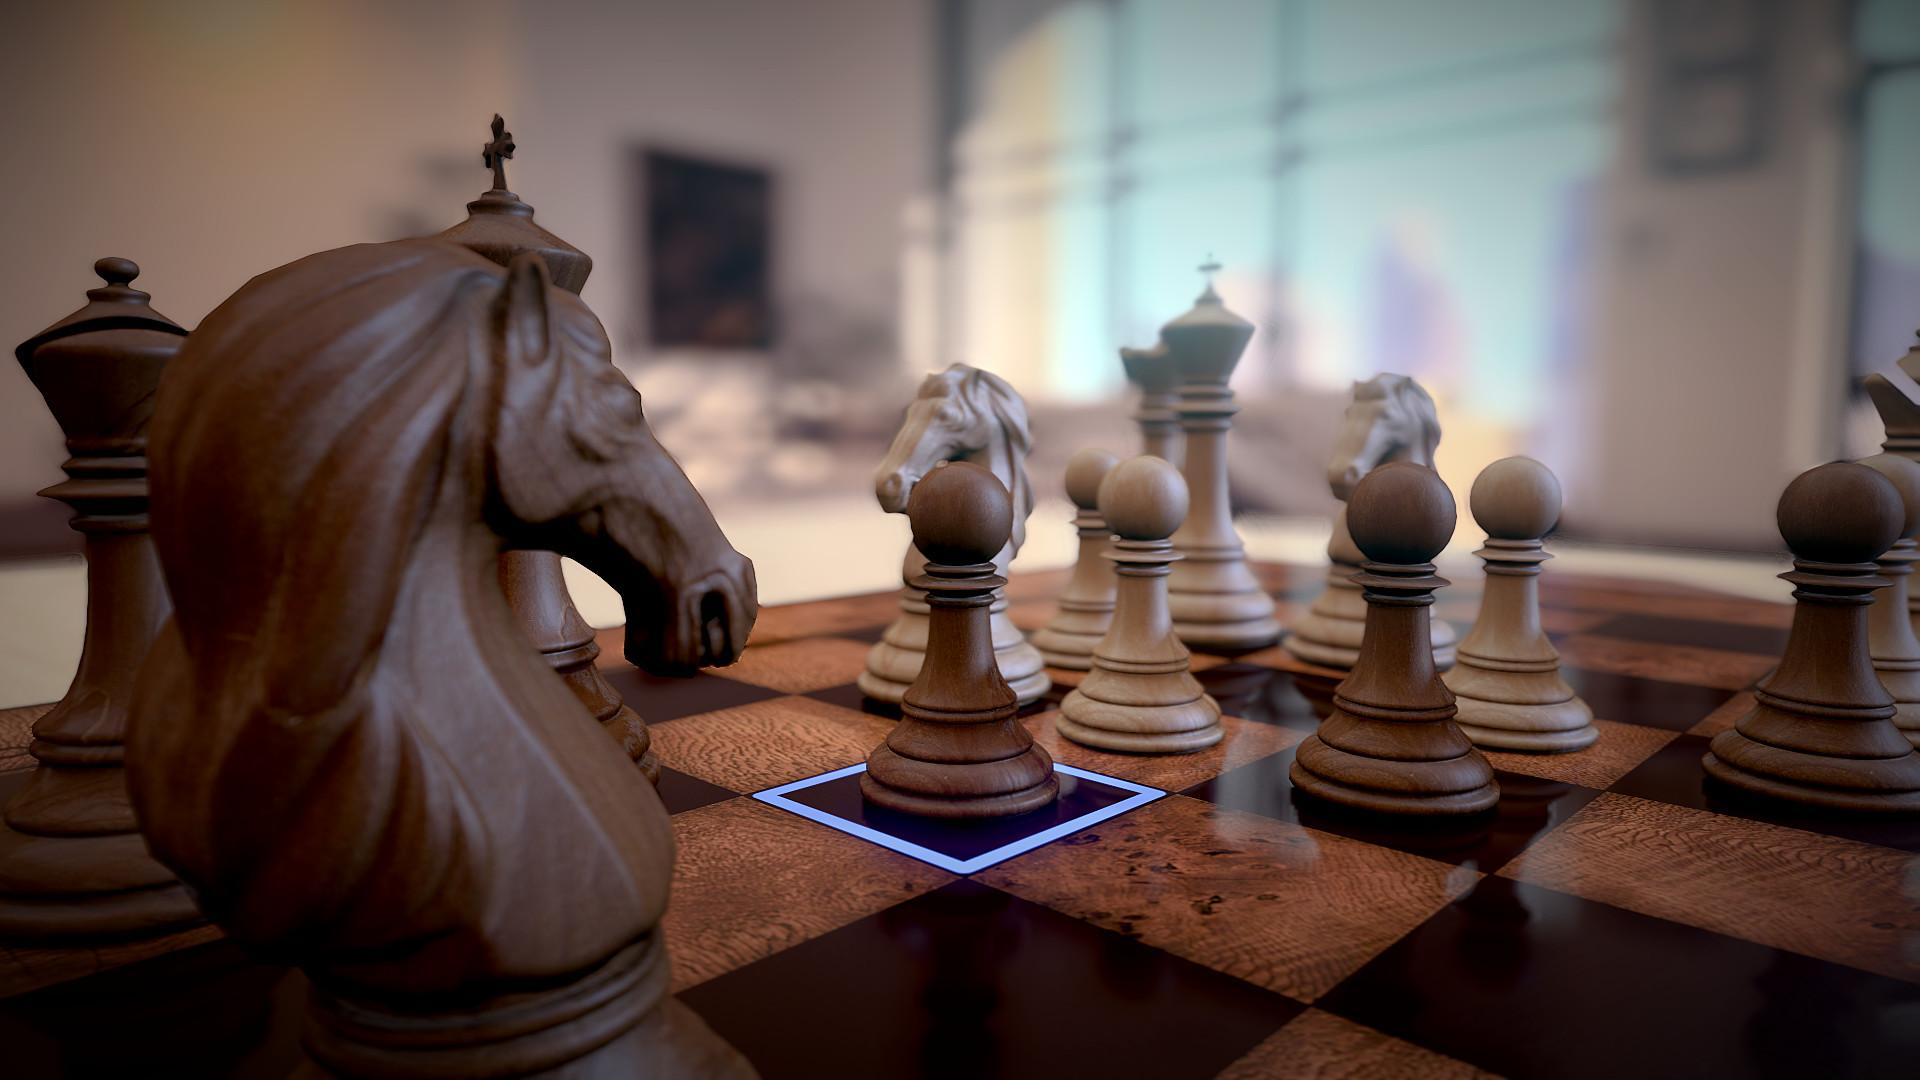 шахматы картинки высокого качества всегда успешны, бывает